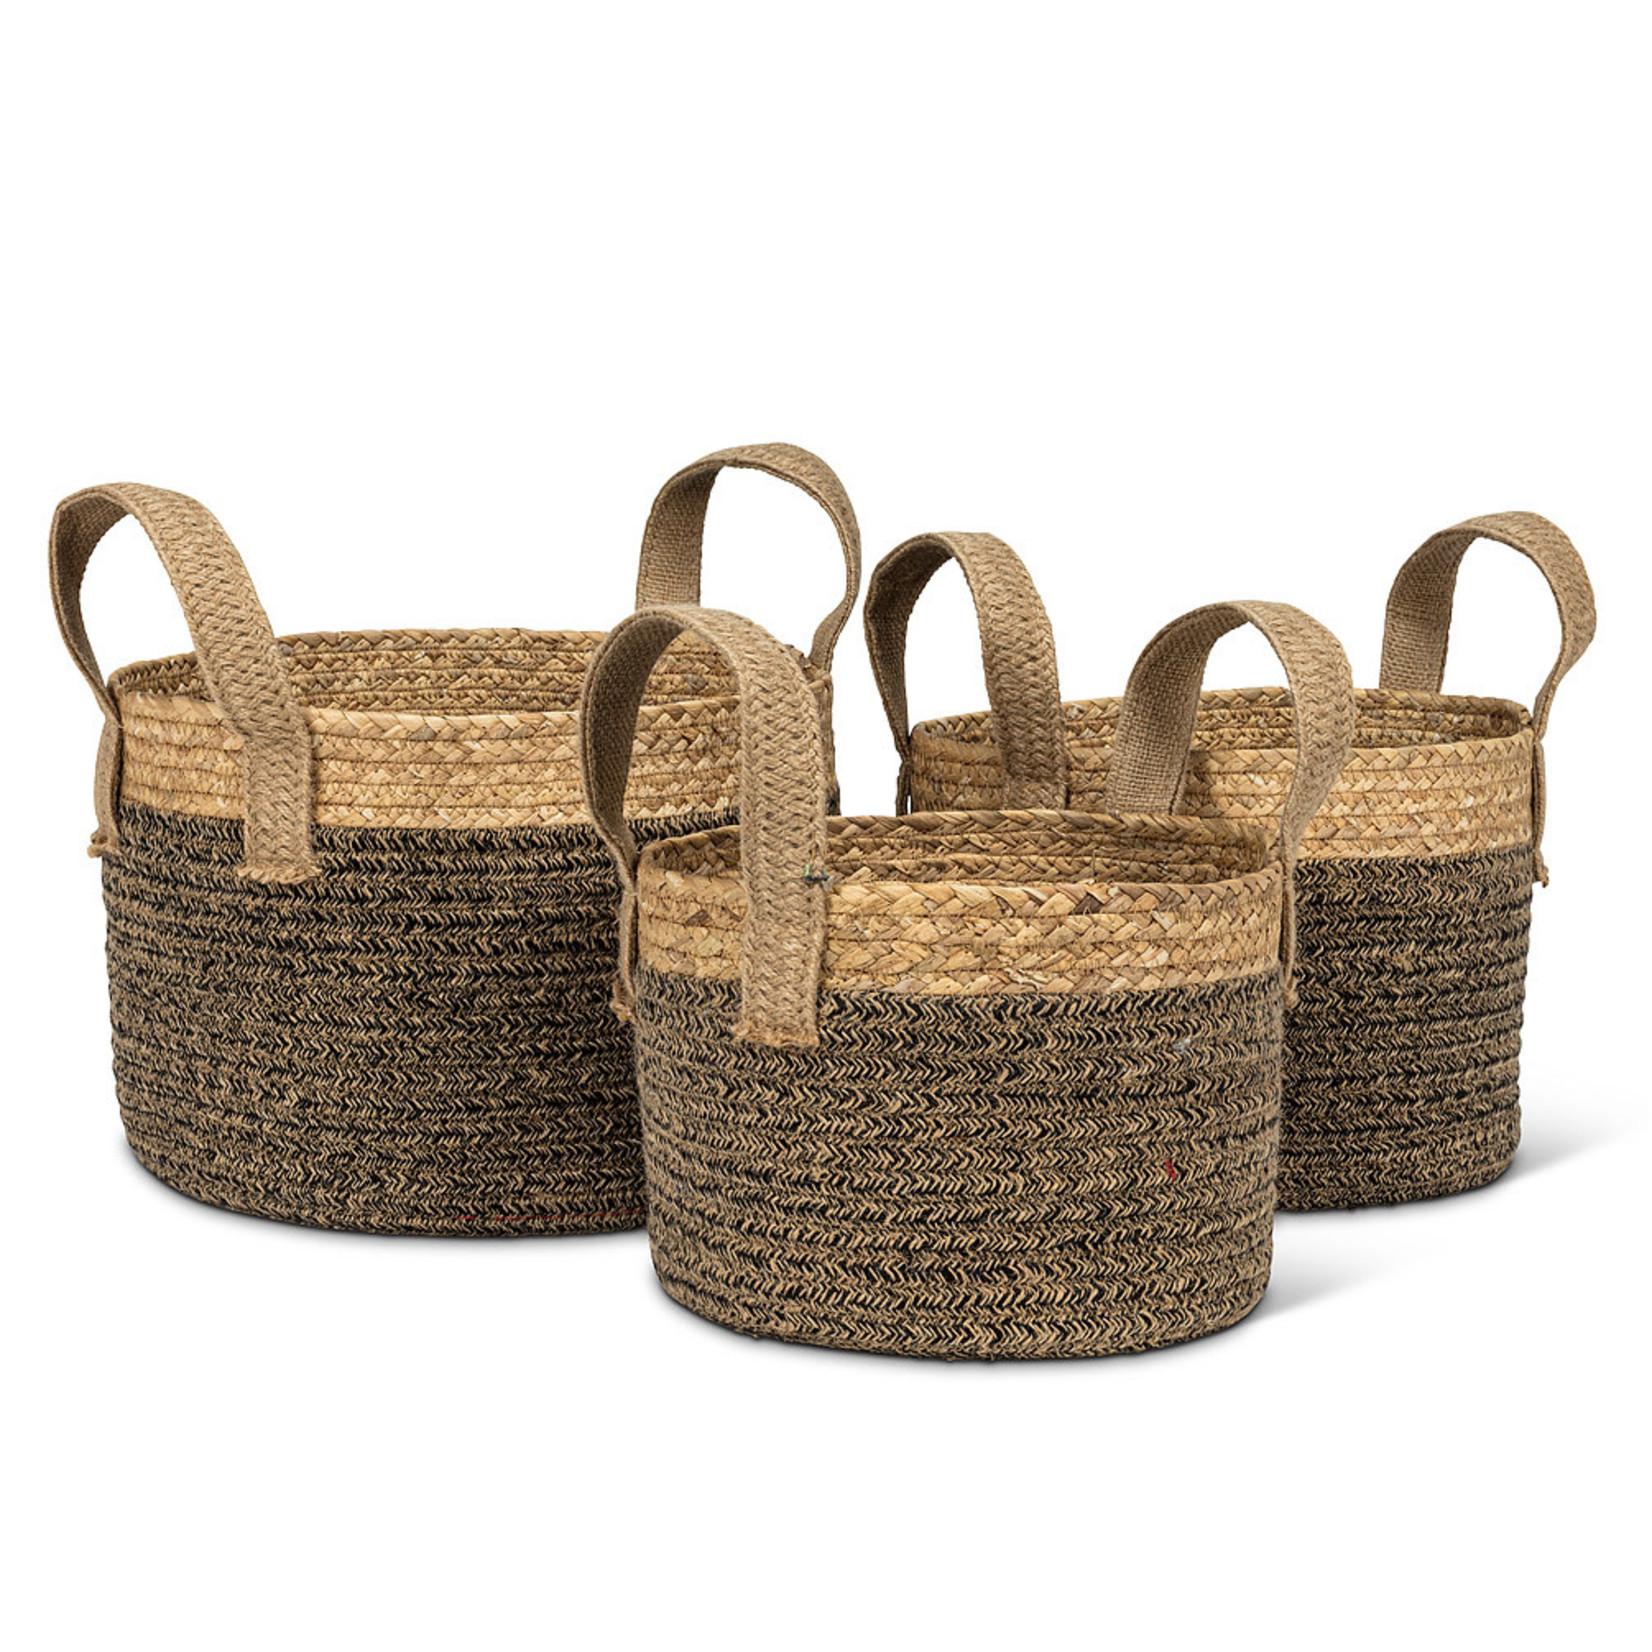 Abbott Abbott Small Handled Basket